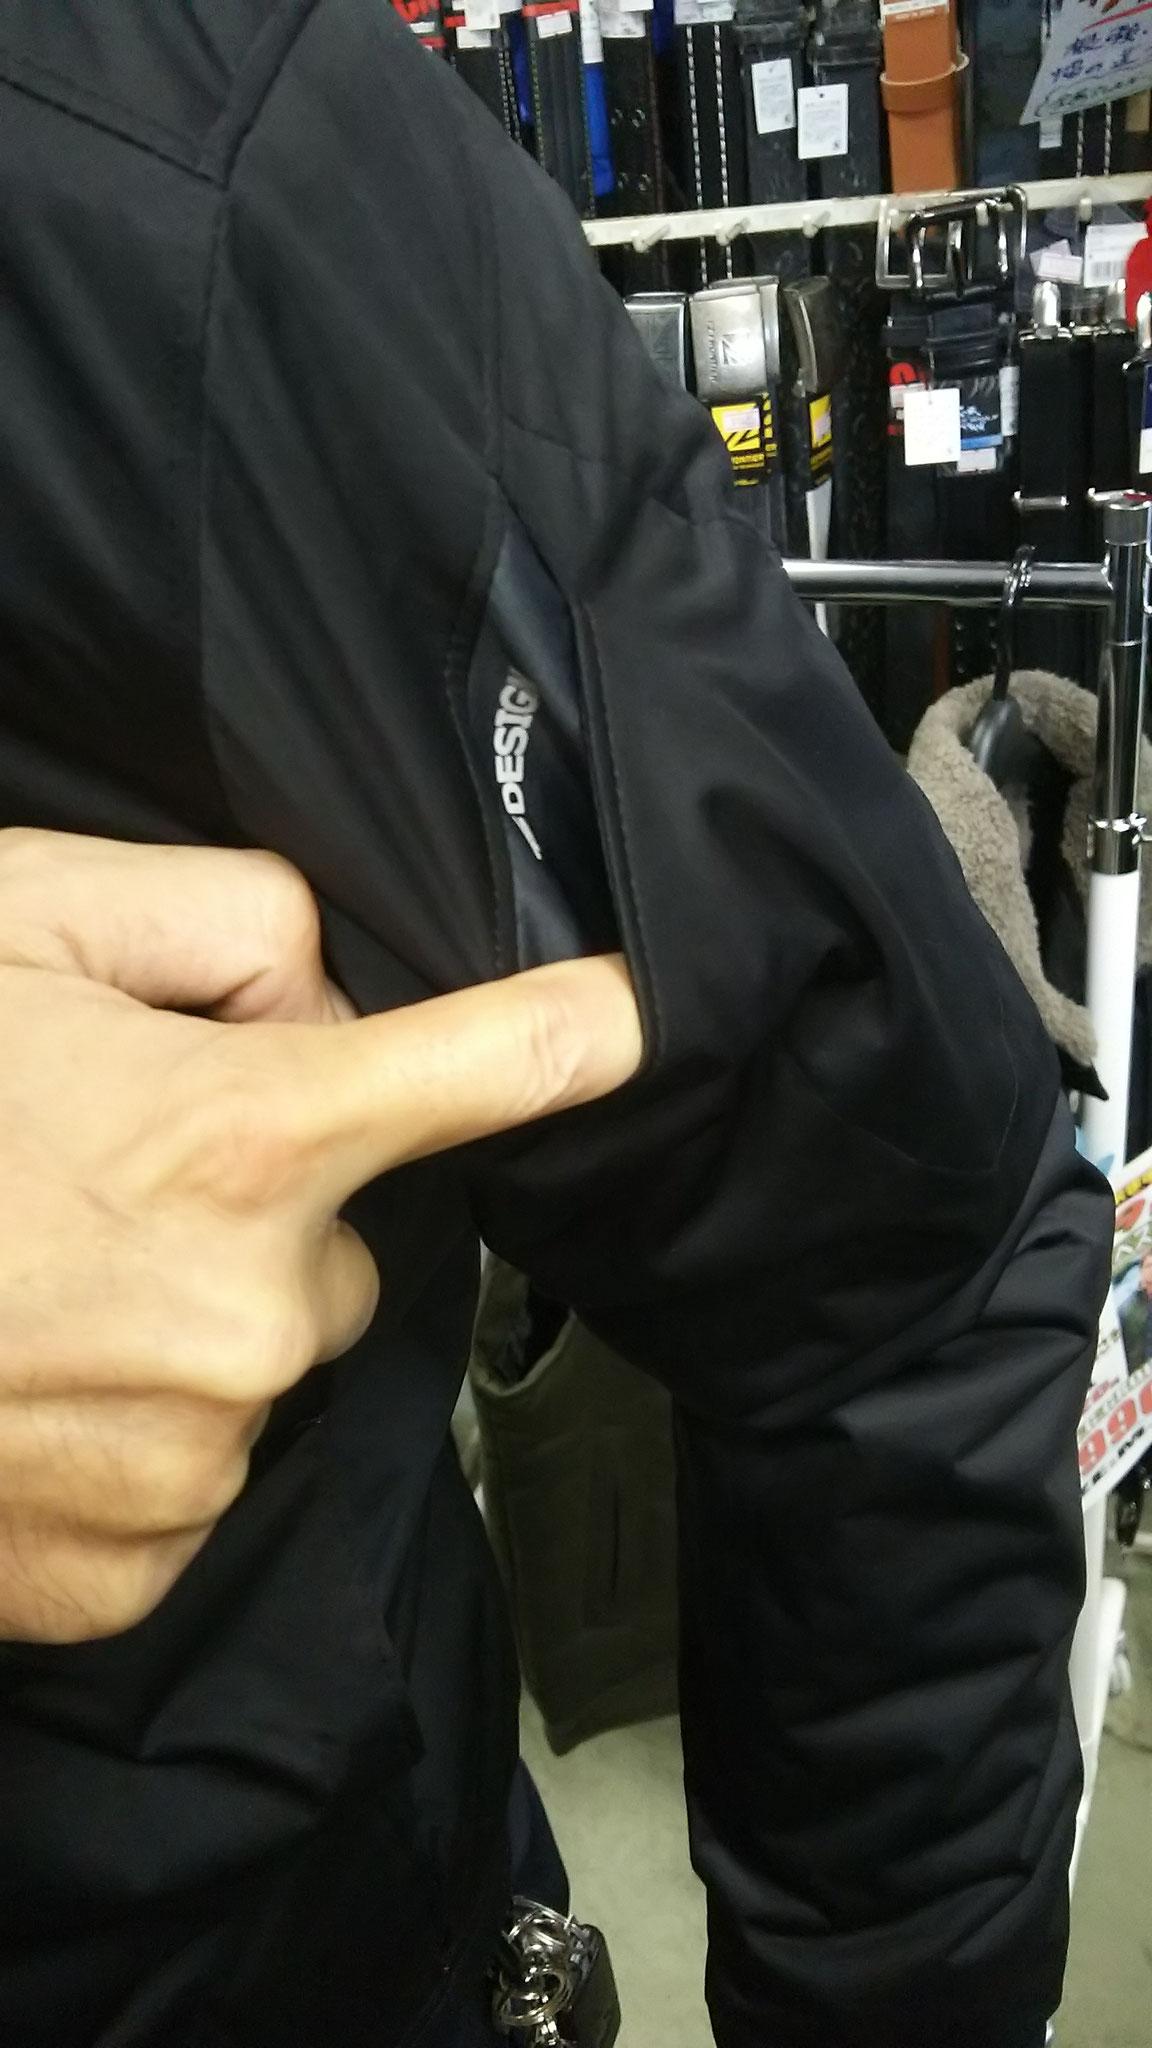 TS DESIGN  6626 防風ストレッチライトウォームジャケット マルチポケットはけっこう深いです。スマホ・ガラケーもOKですね。